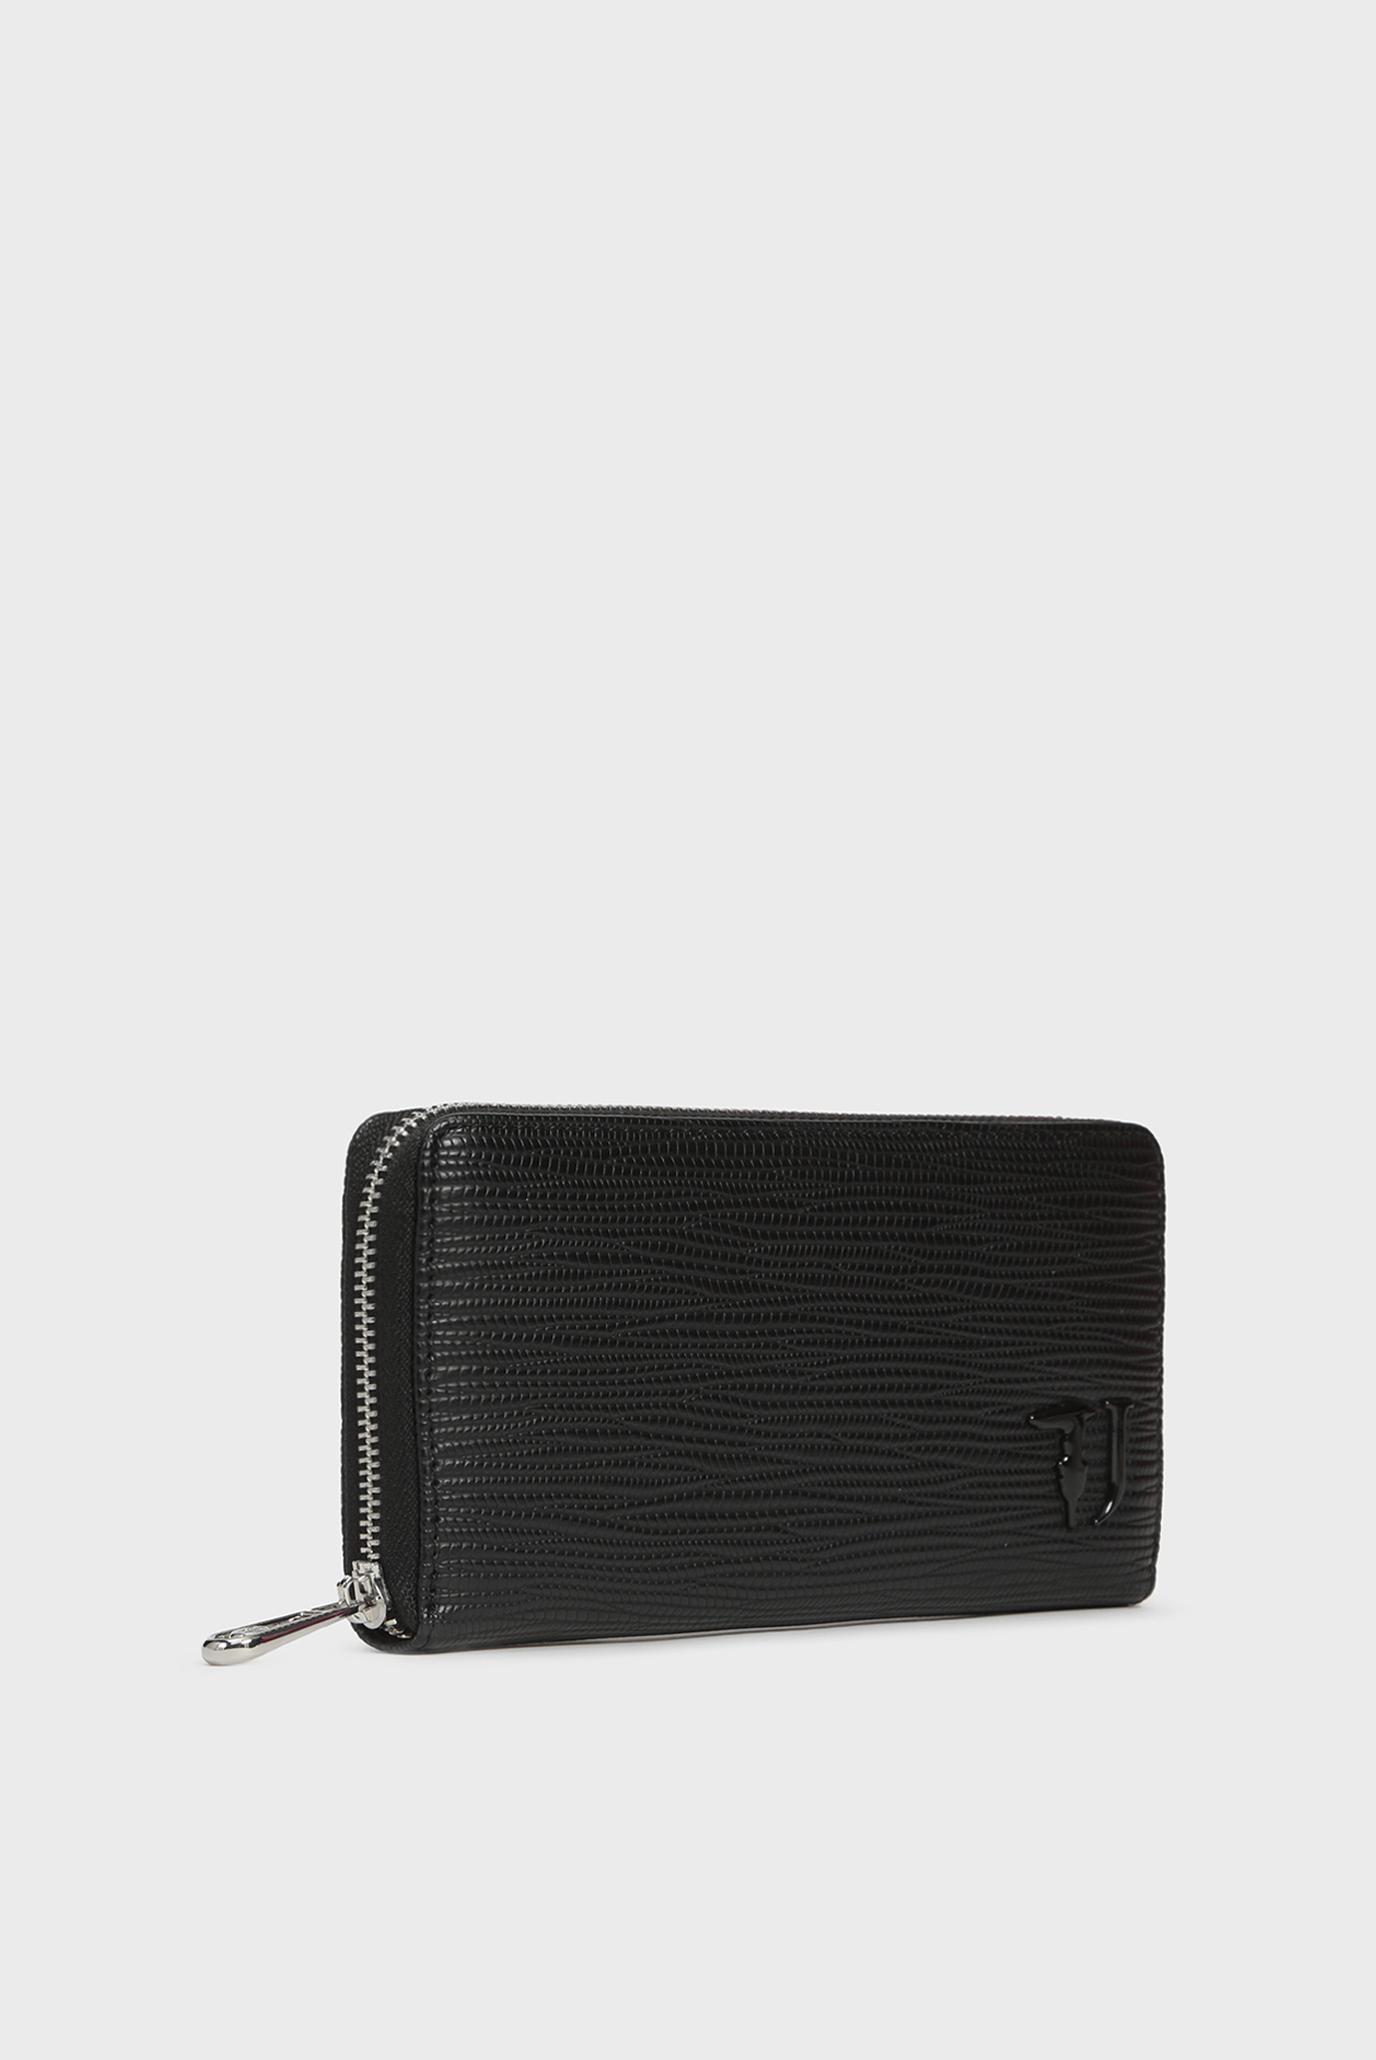 Купить Женский черный кошелек T-EASY CITY ZIP 3PKT LG SAFFIANO Trussardi Jeans Trussardi Jeans 9Y099999/75W00152 – Киев, Украина. Цены в интернет магазине MD Fashion